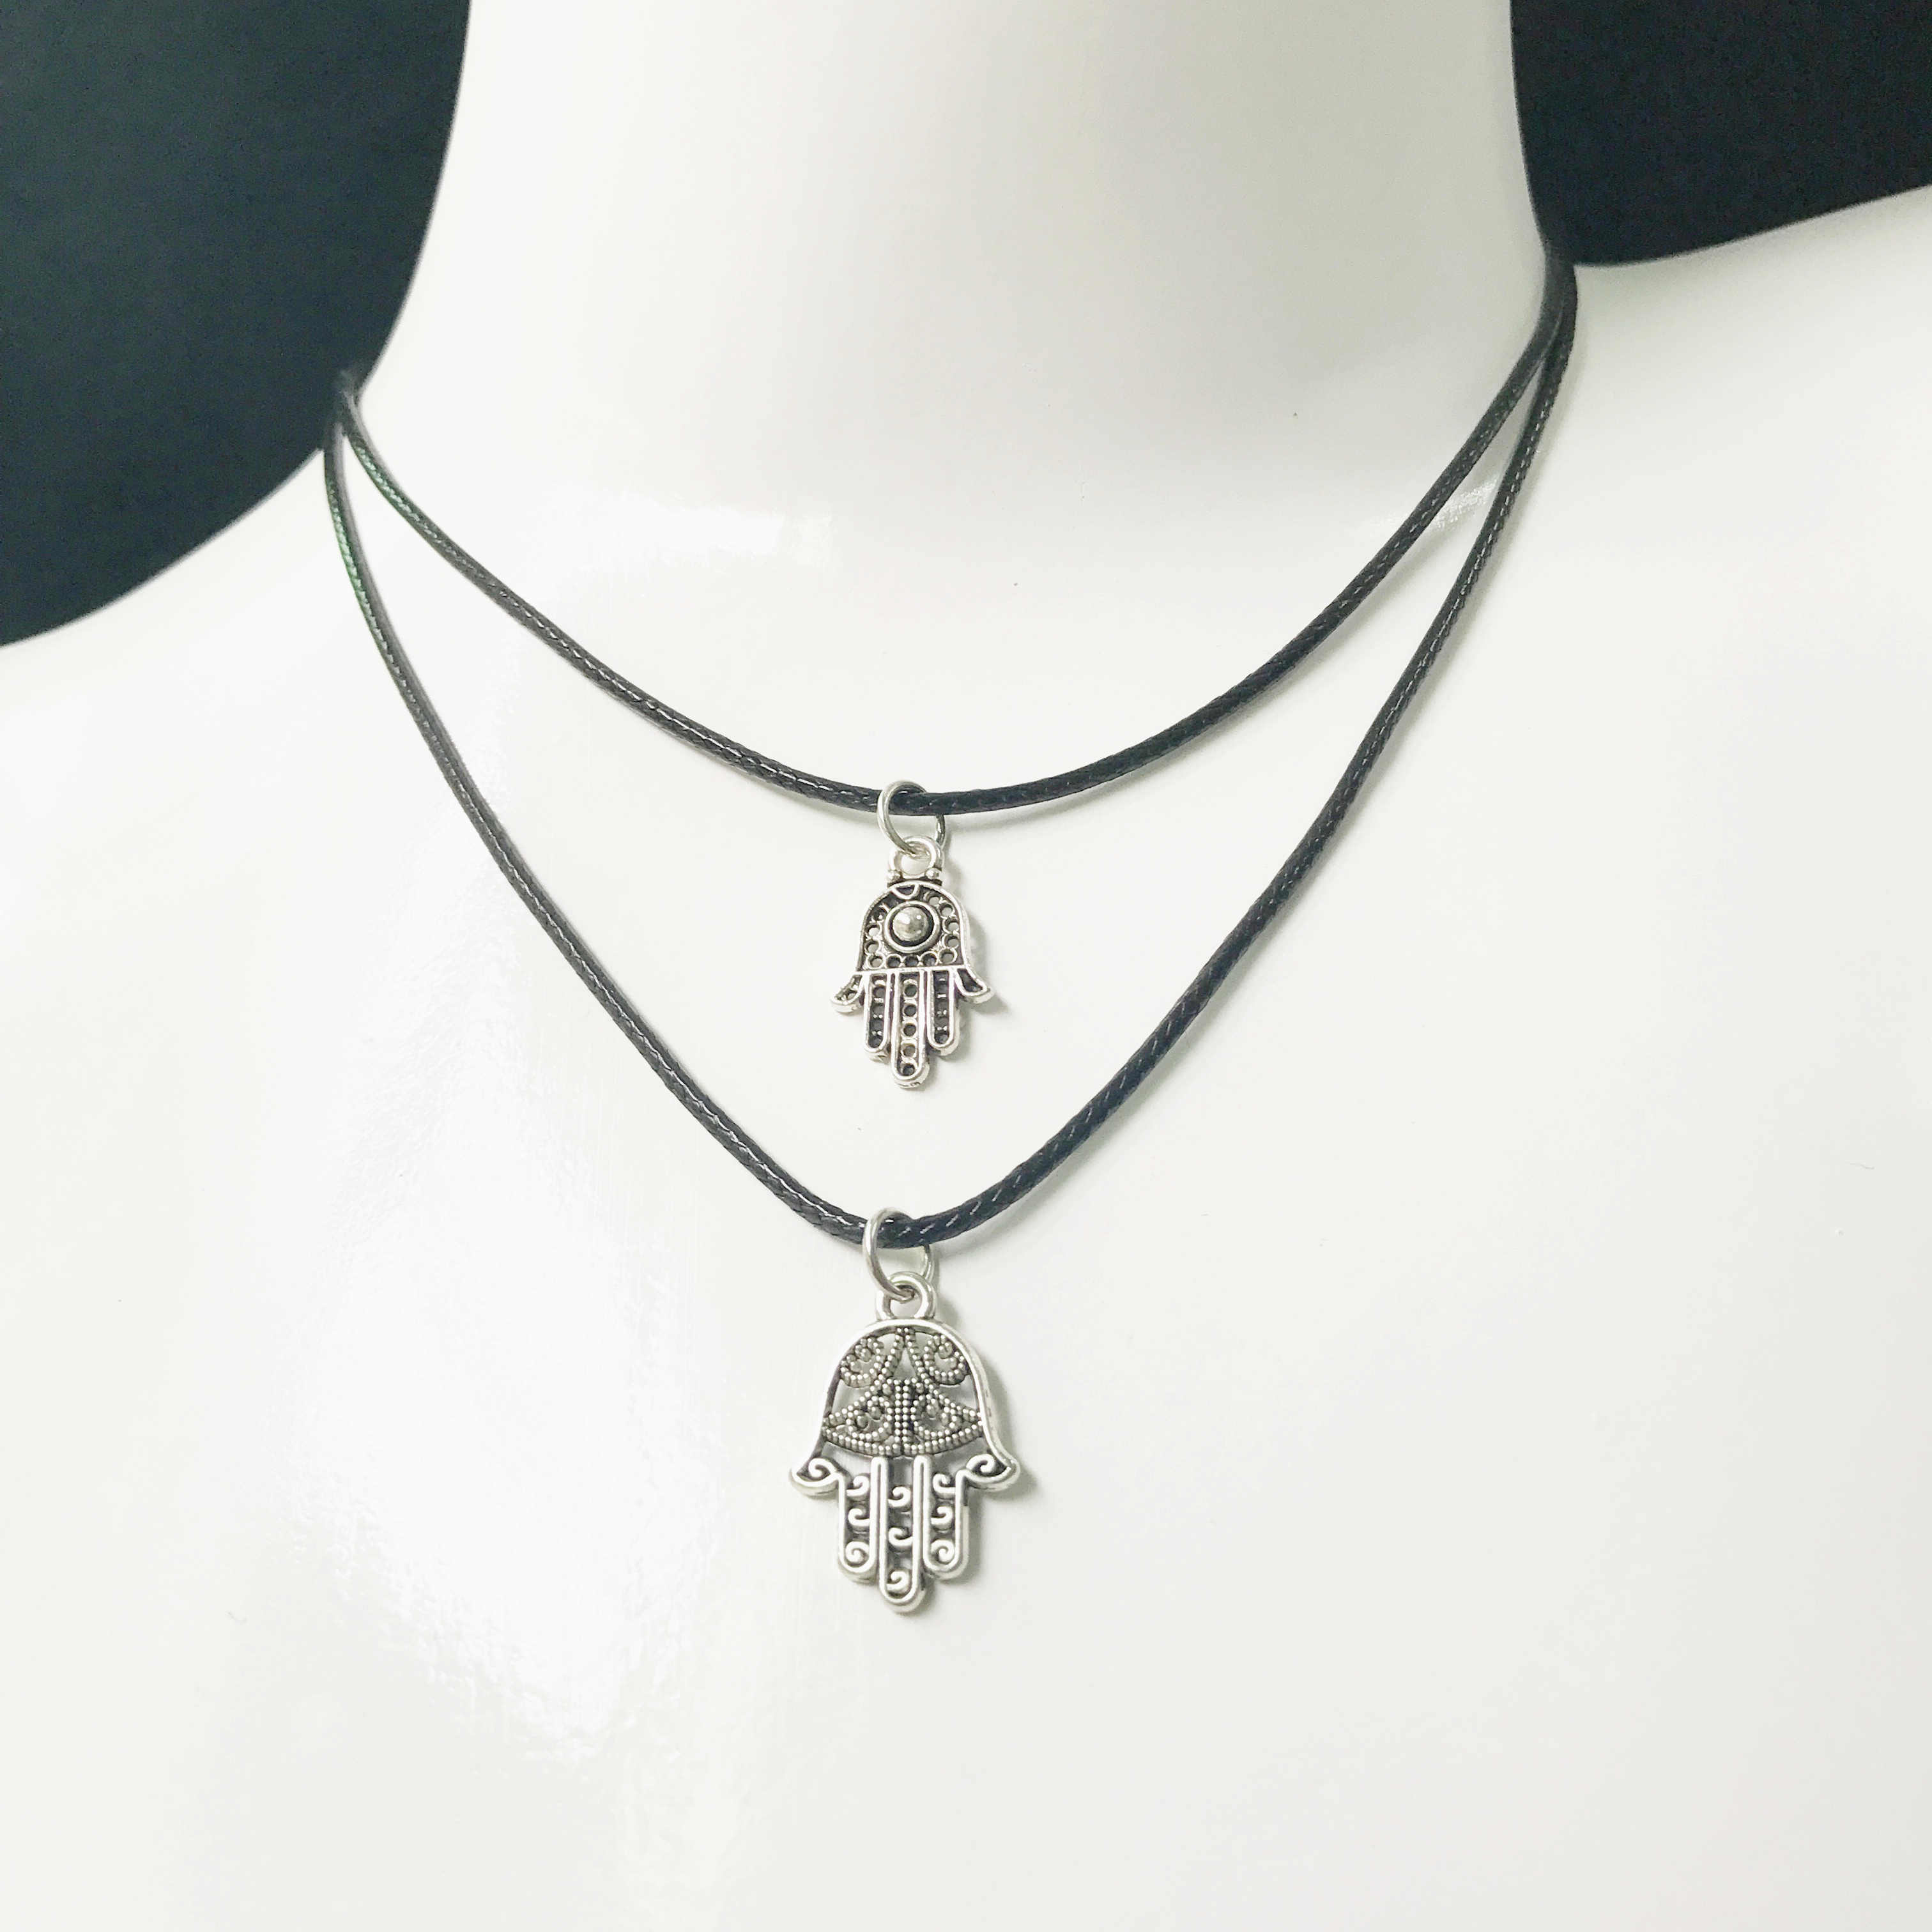 Panas Kepribadian Gothic Cross Kunci Tali Kulit Kalung Fashion Love Leaf Strip Lilin Tali Kalung Wanita Hadiah Natal